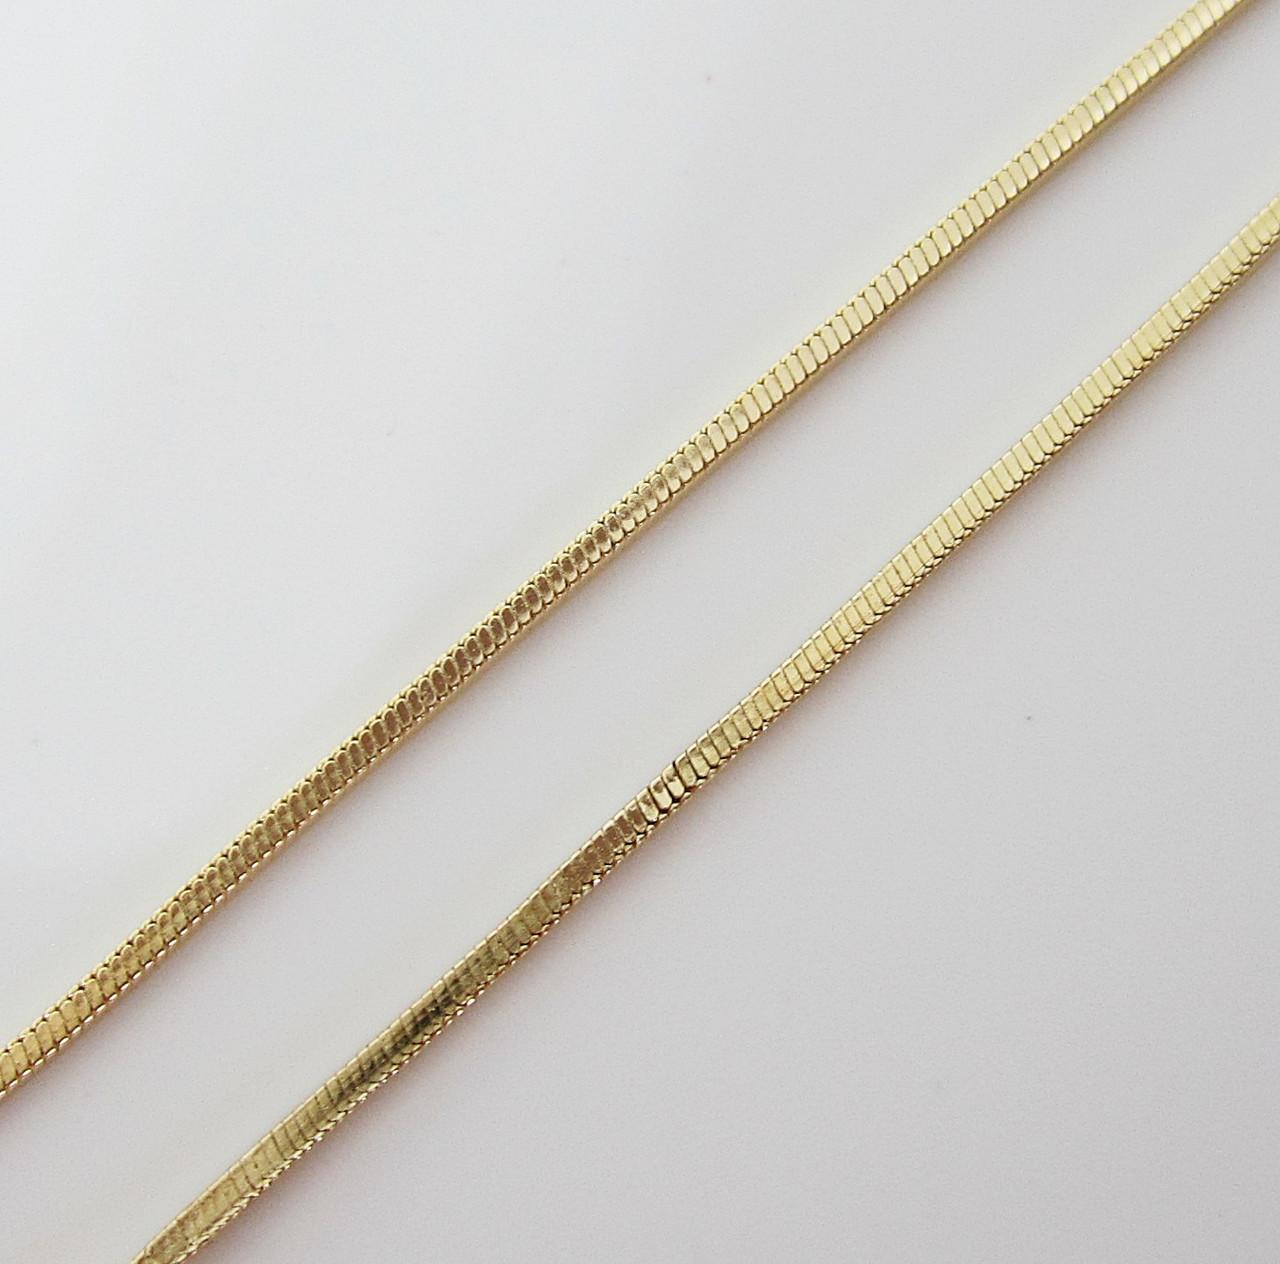 Цепочка плетение Ювелирный шнур 60 см. ширина 1.5 мм